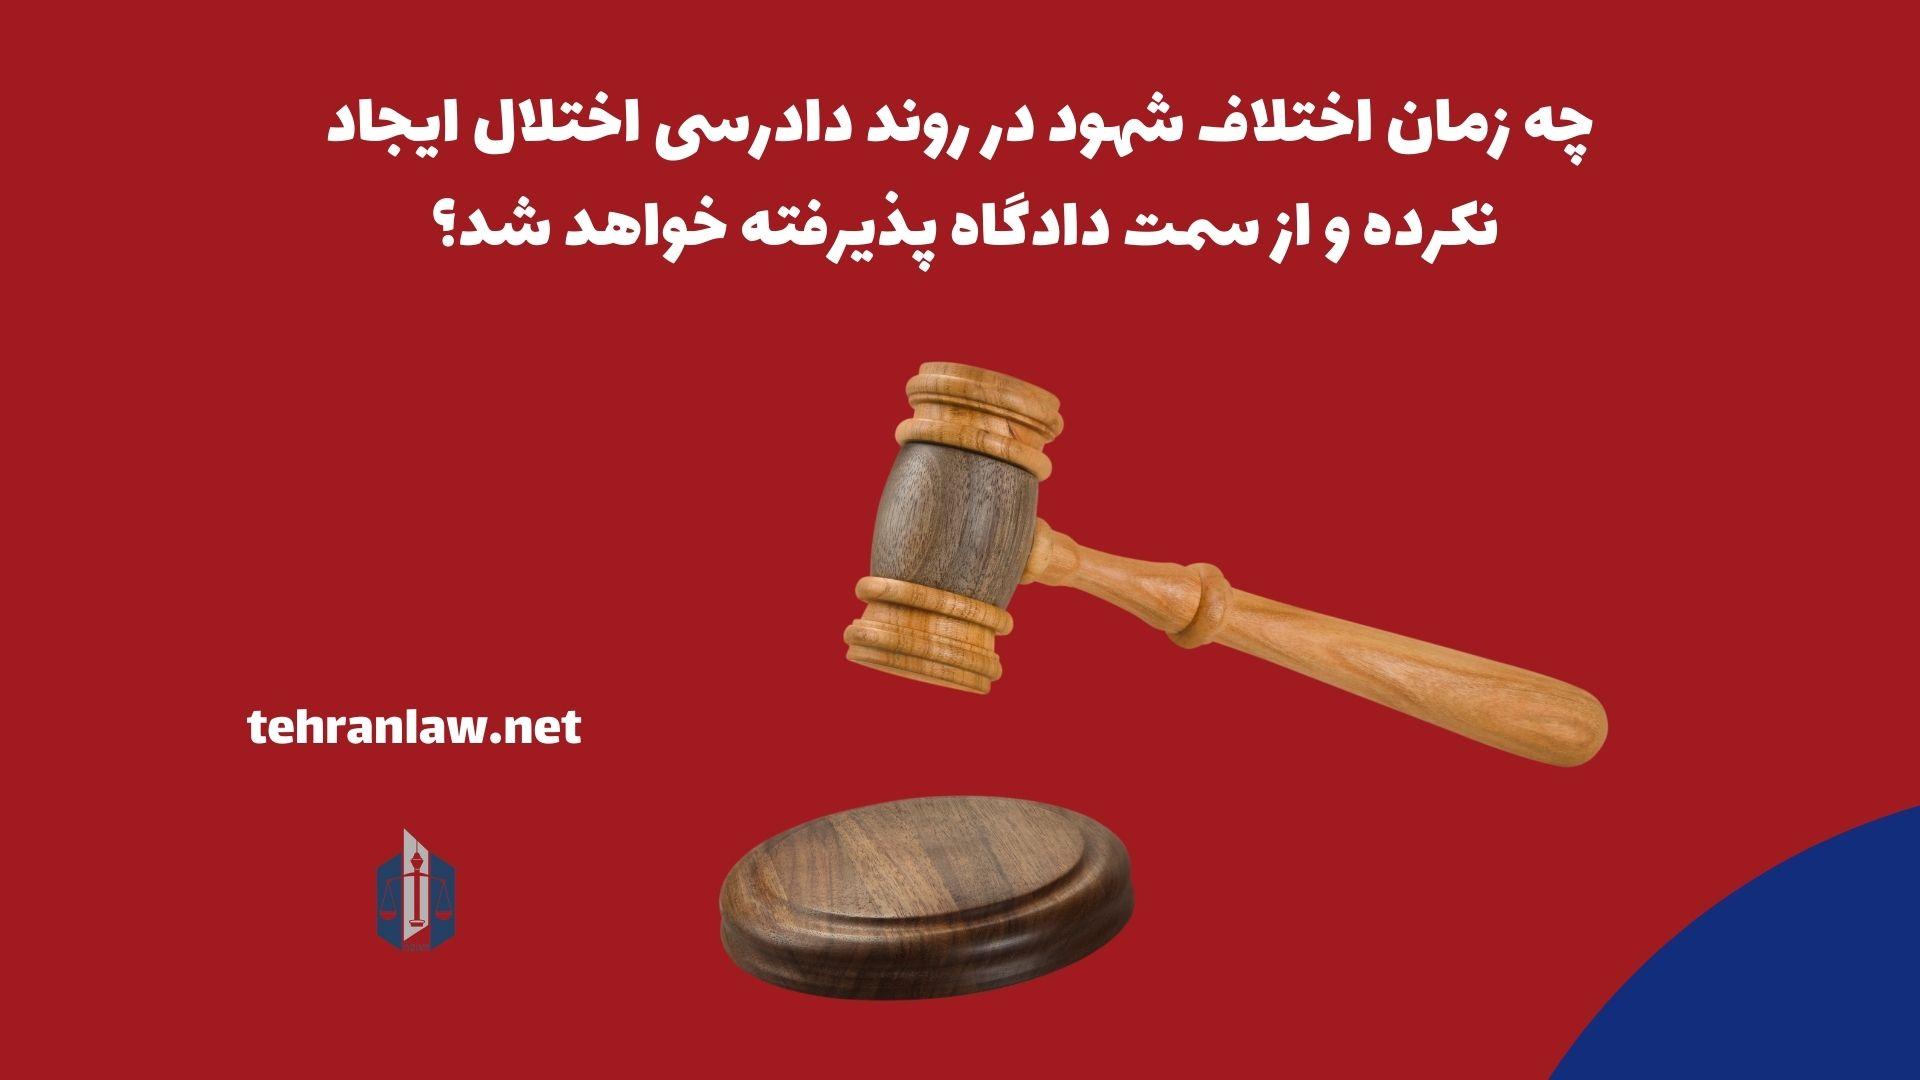 چه زمان اختلاف شهود در روند دادرسی اختلال ایجاد نکرده و از سمت دادگاه پذیرفته خواهد شد؟